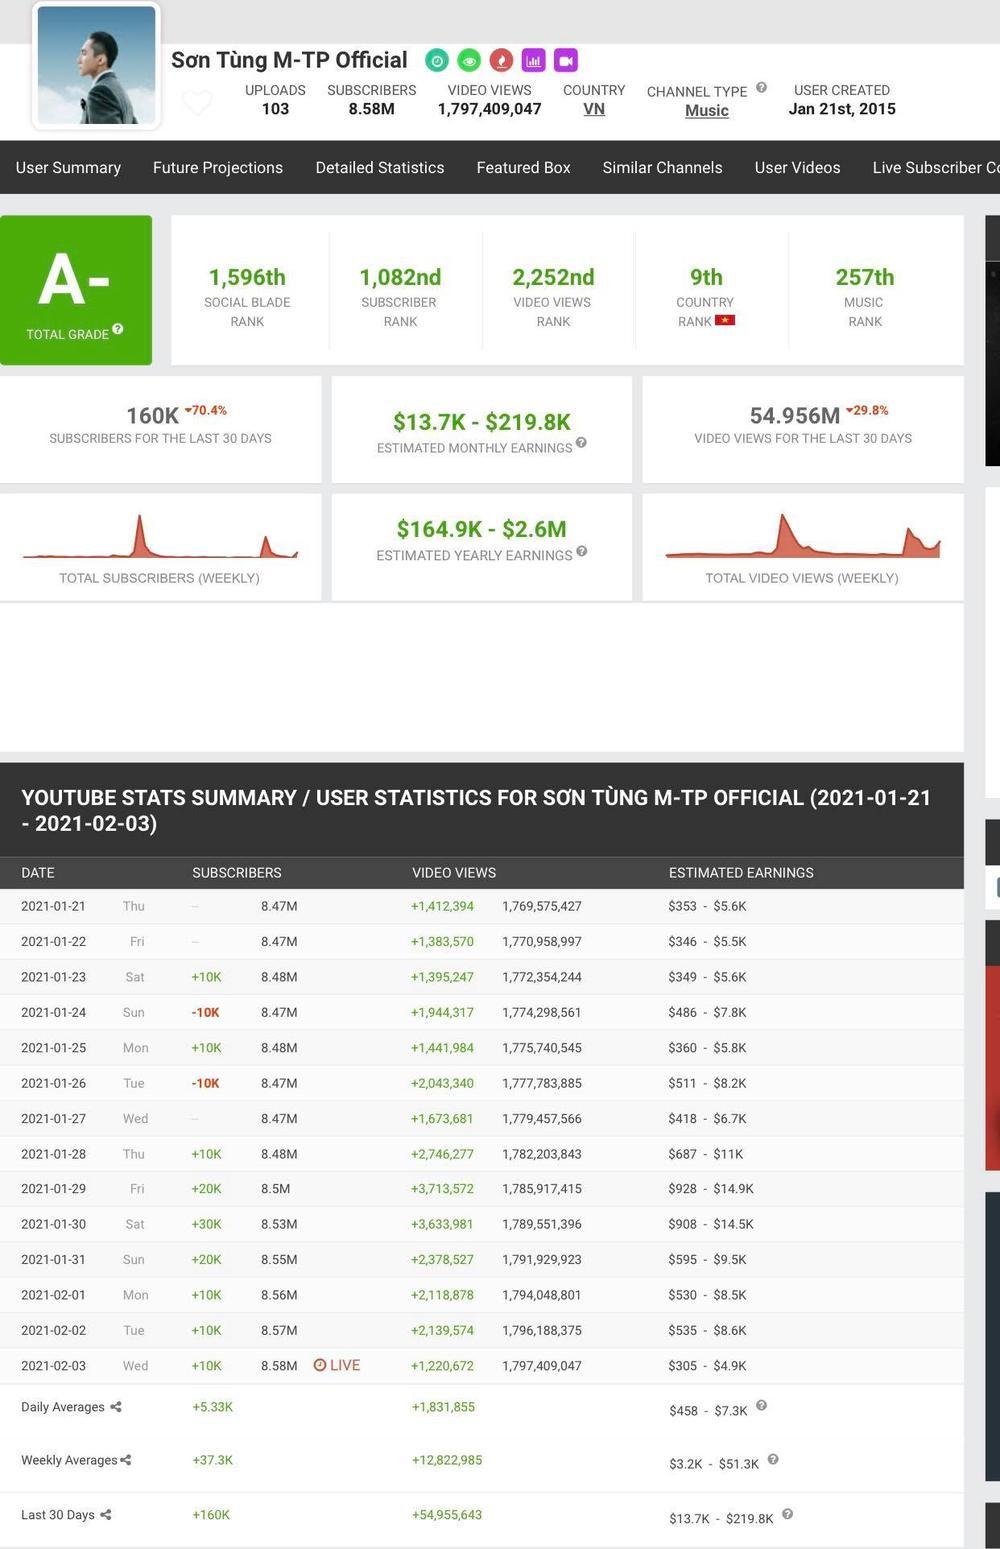 Bị chỉ trích vì ồn ào tình cảm, kênh Youtube Sơn Tùng tăng 100 nghìn người đăng ký, 6 ngày đạt 1 nút Bạc Ảnh 3